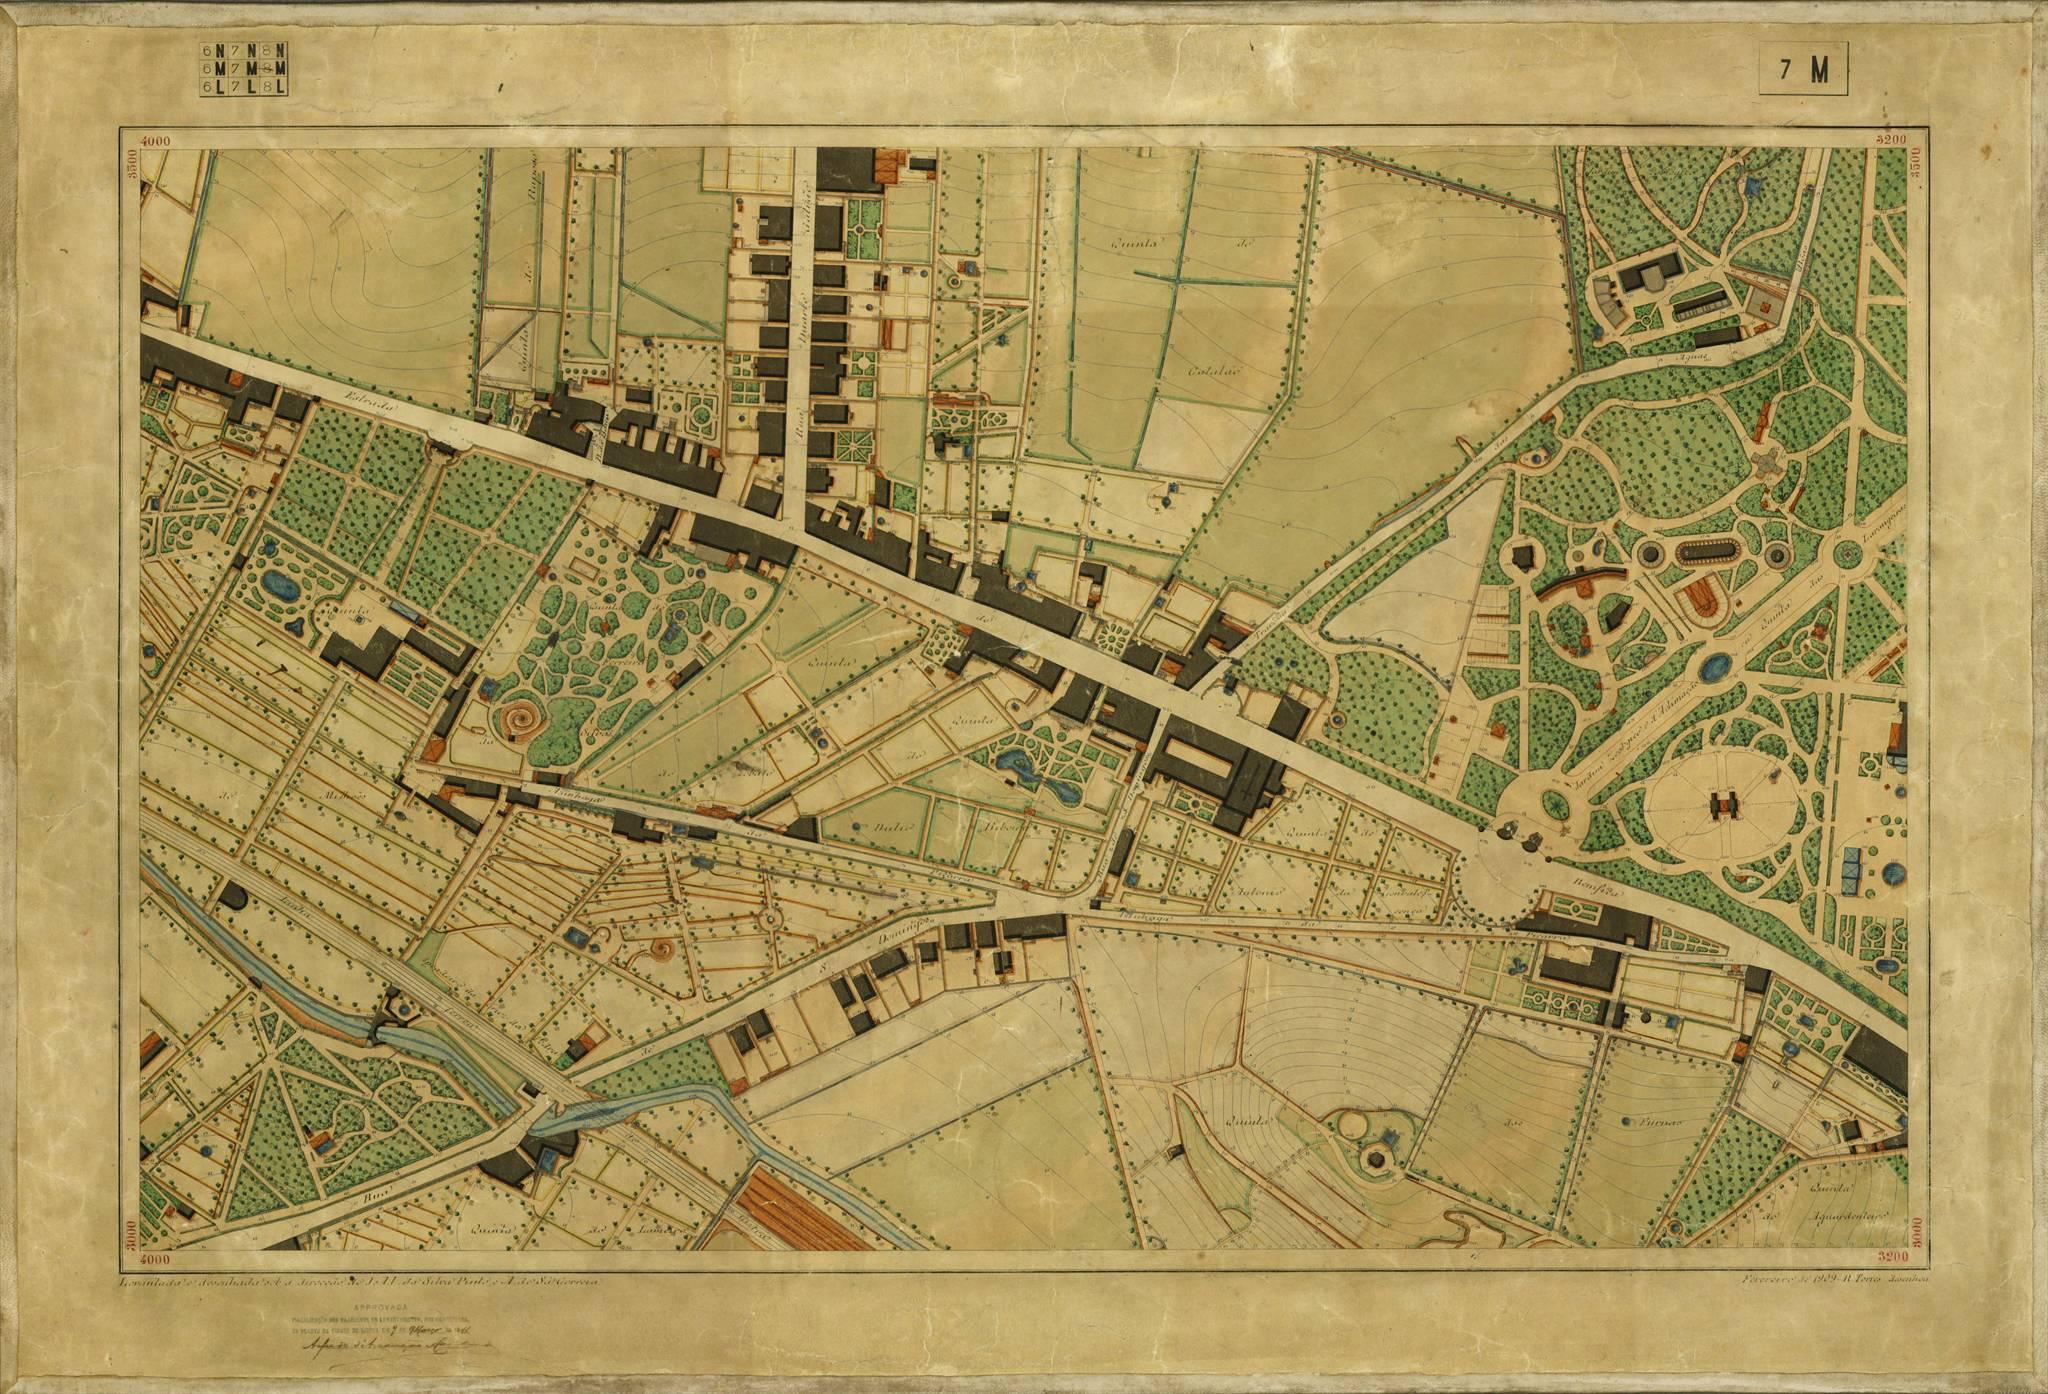 Carta 7M, Levantamento da Planta de Lisboa (1904-11)